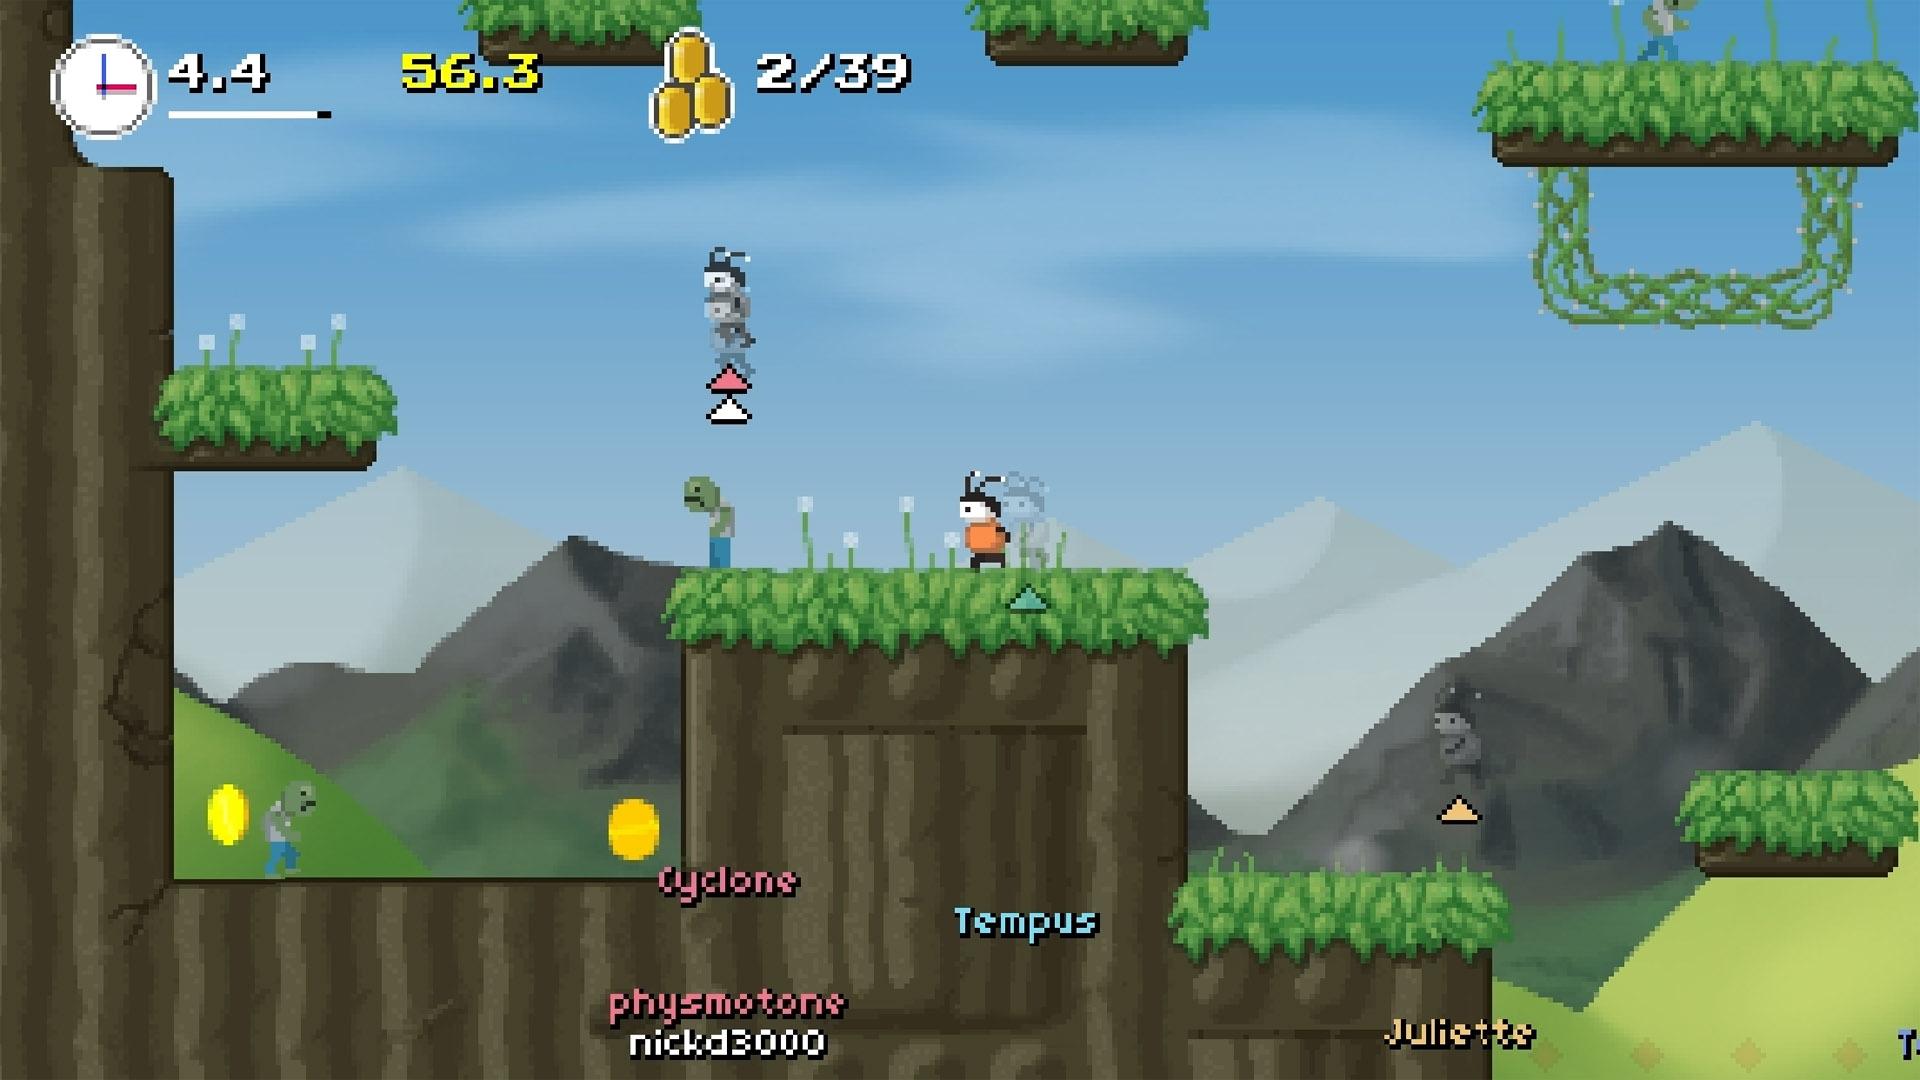 Mos Speedrun 2 screenshot 13